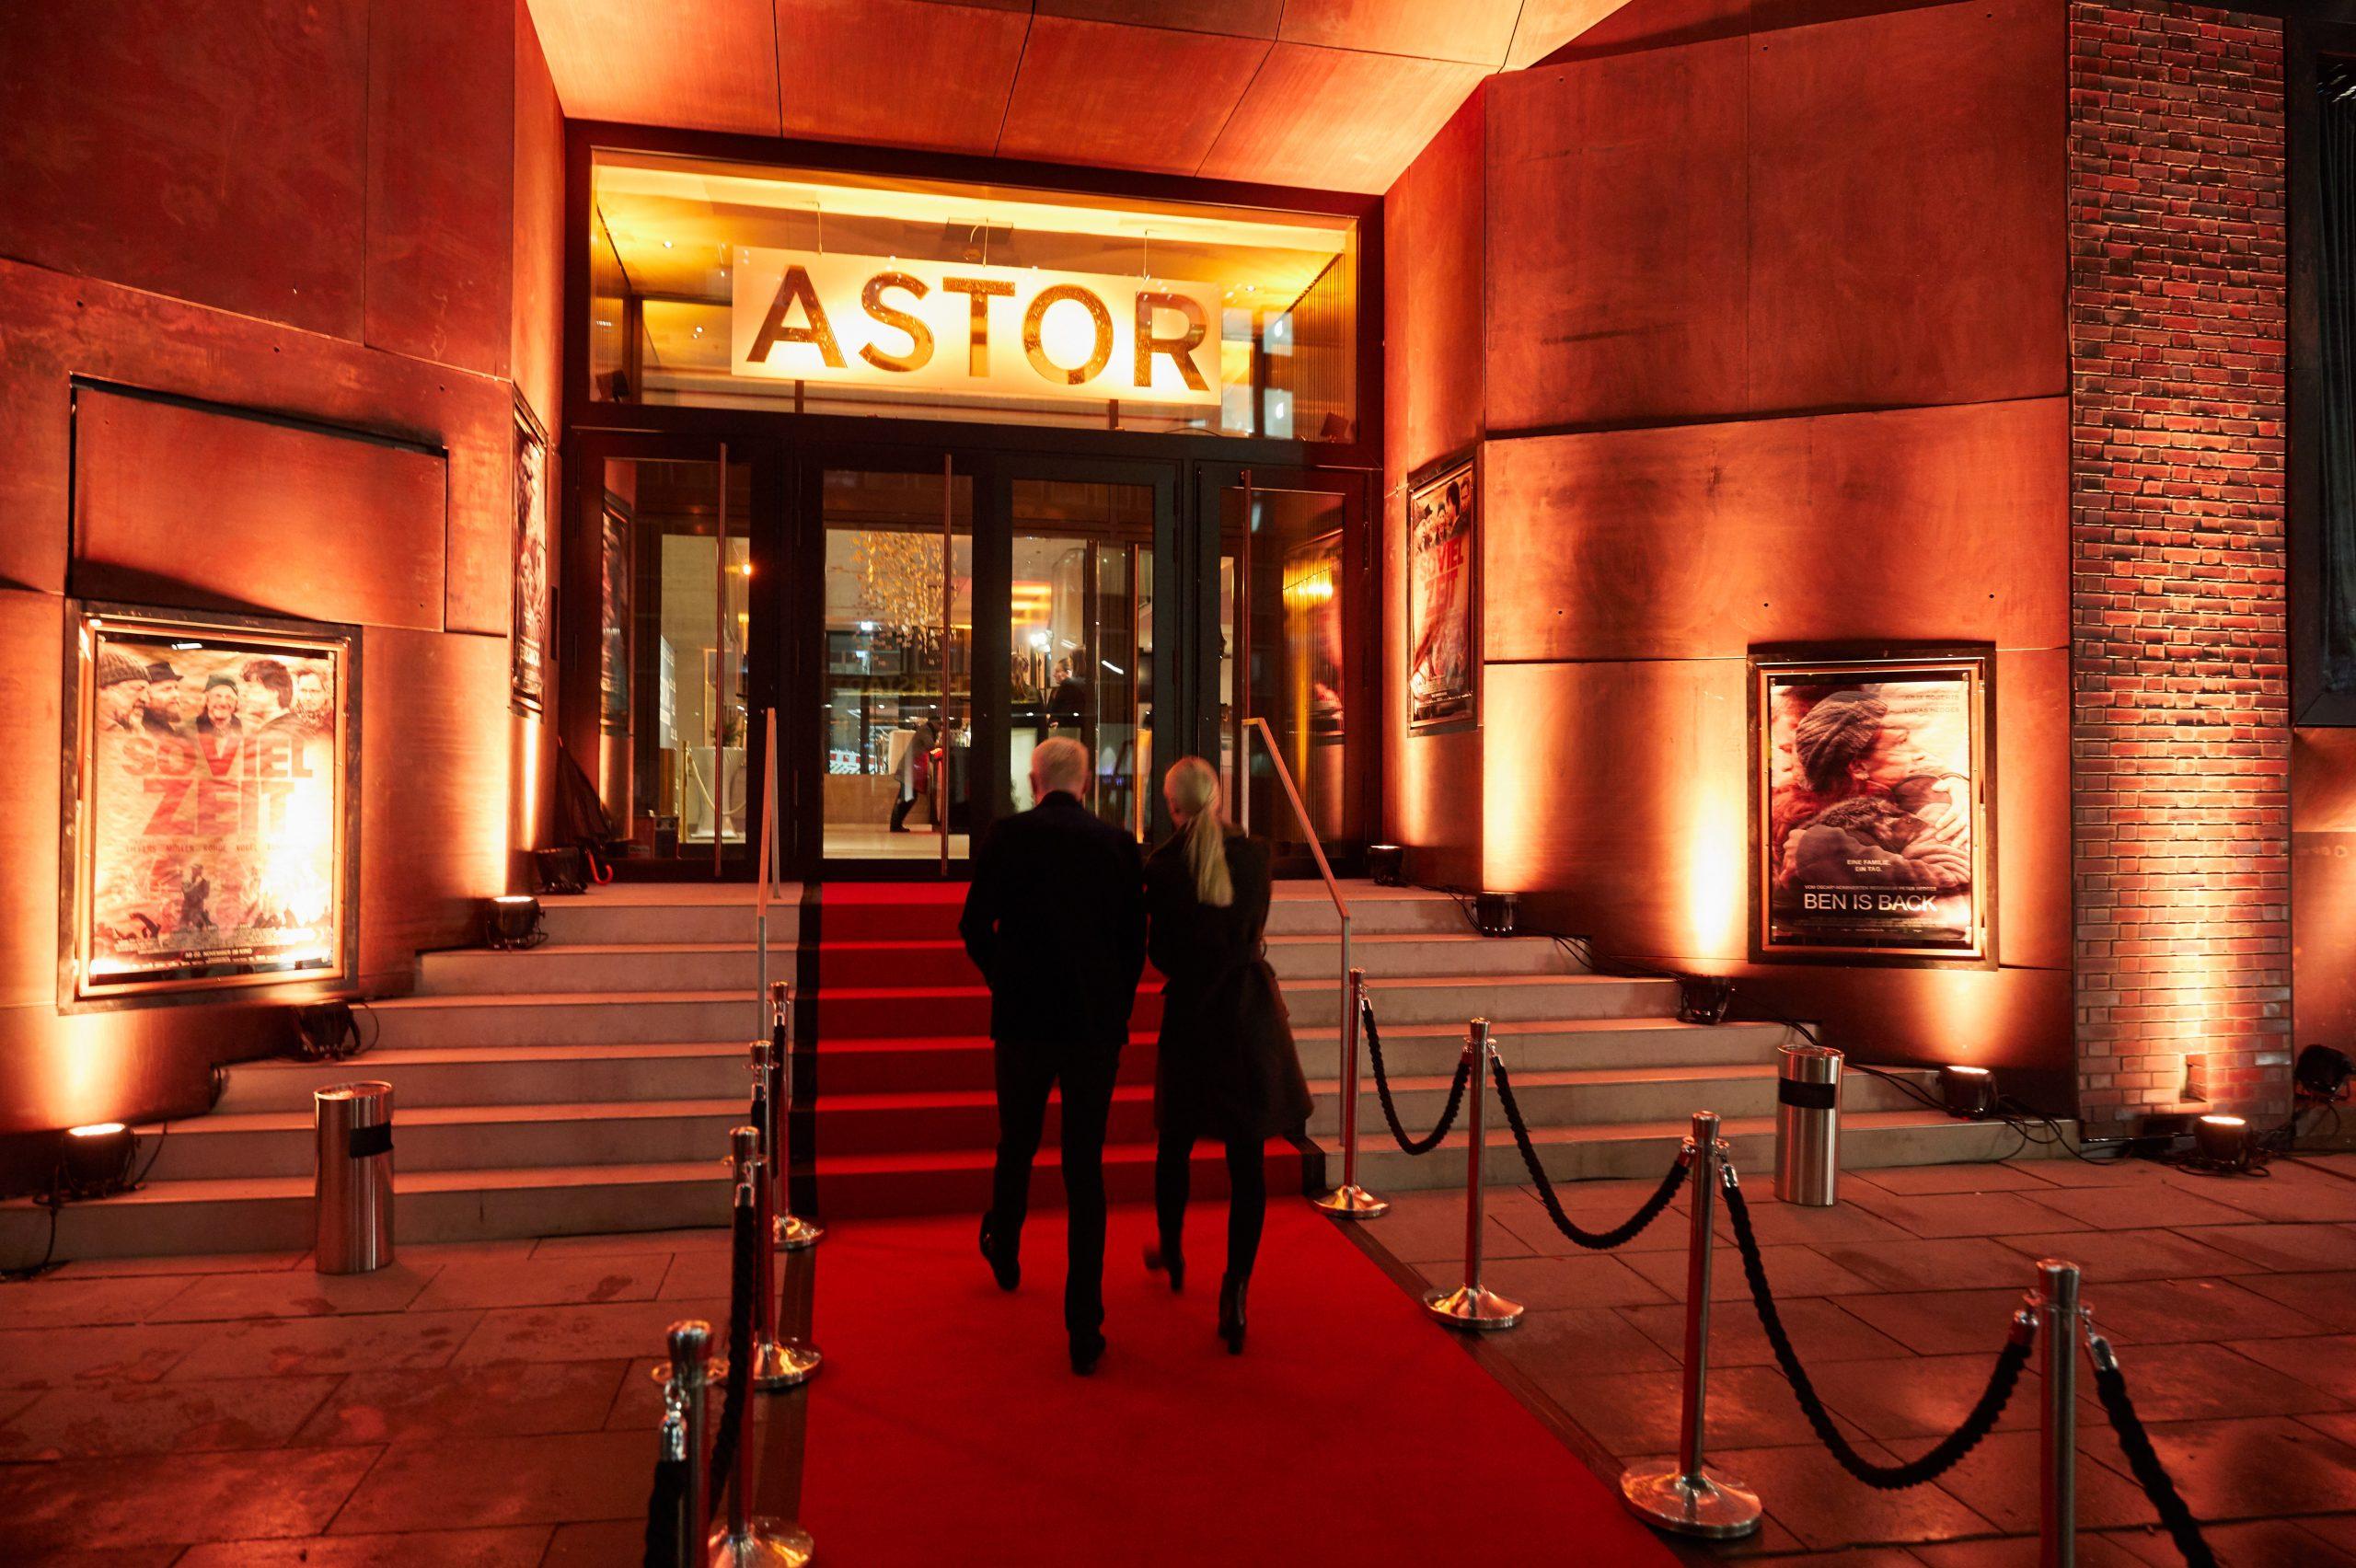 Hamburg: Ab dem 1. Juli haben die Astor-Kinos sowie die Ketten Cinemaxx und Cinestar wieder geöffnet.